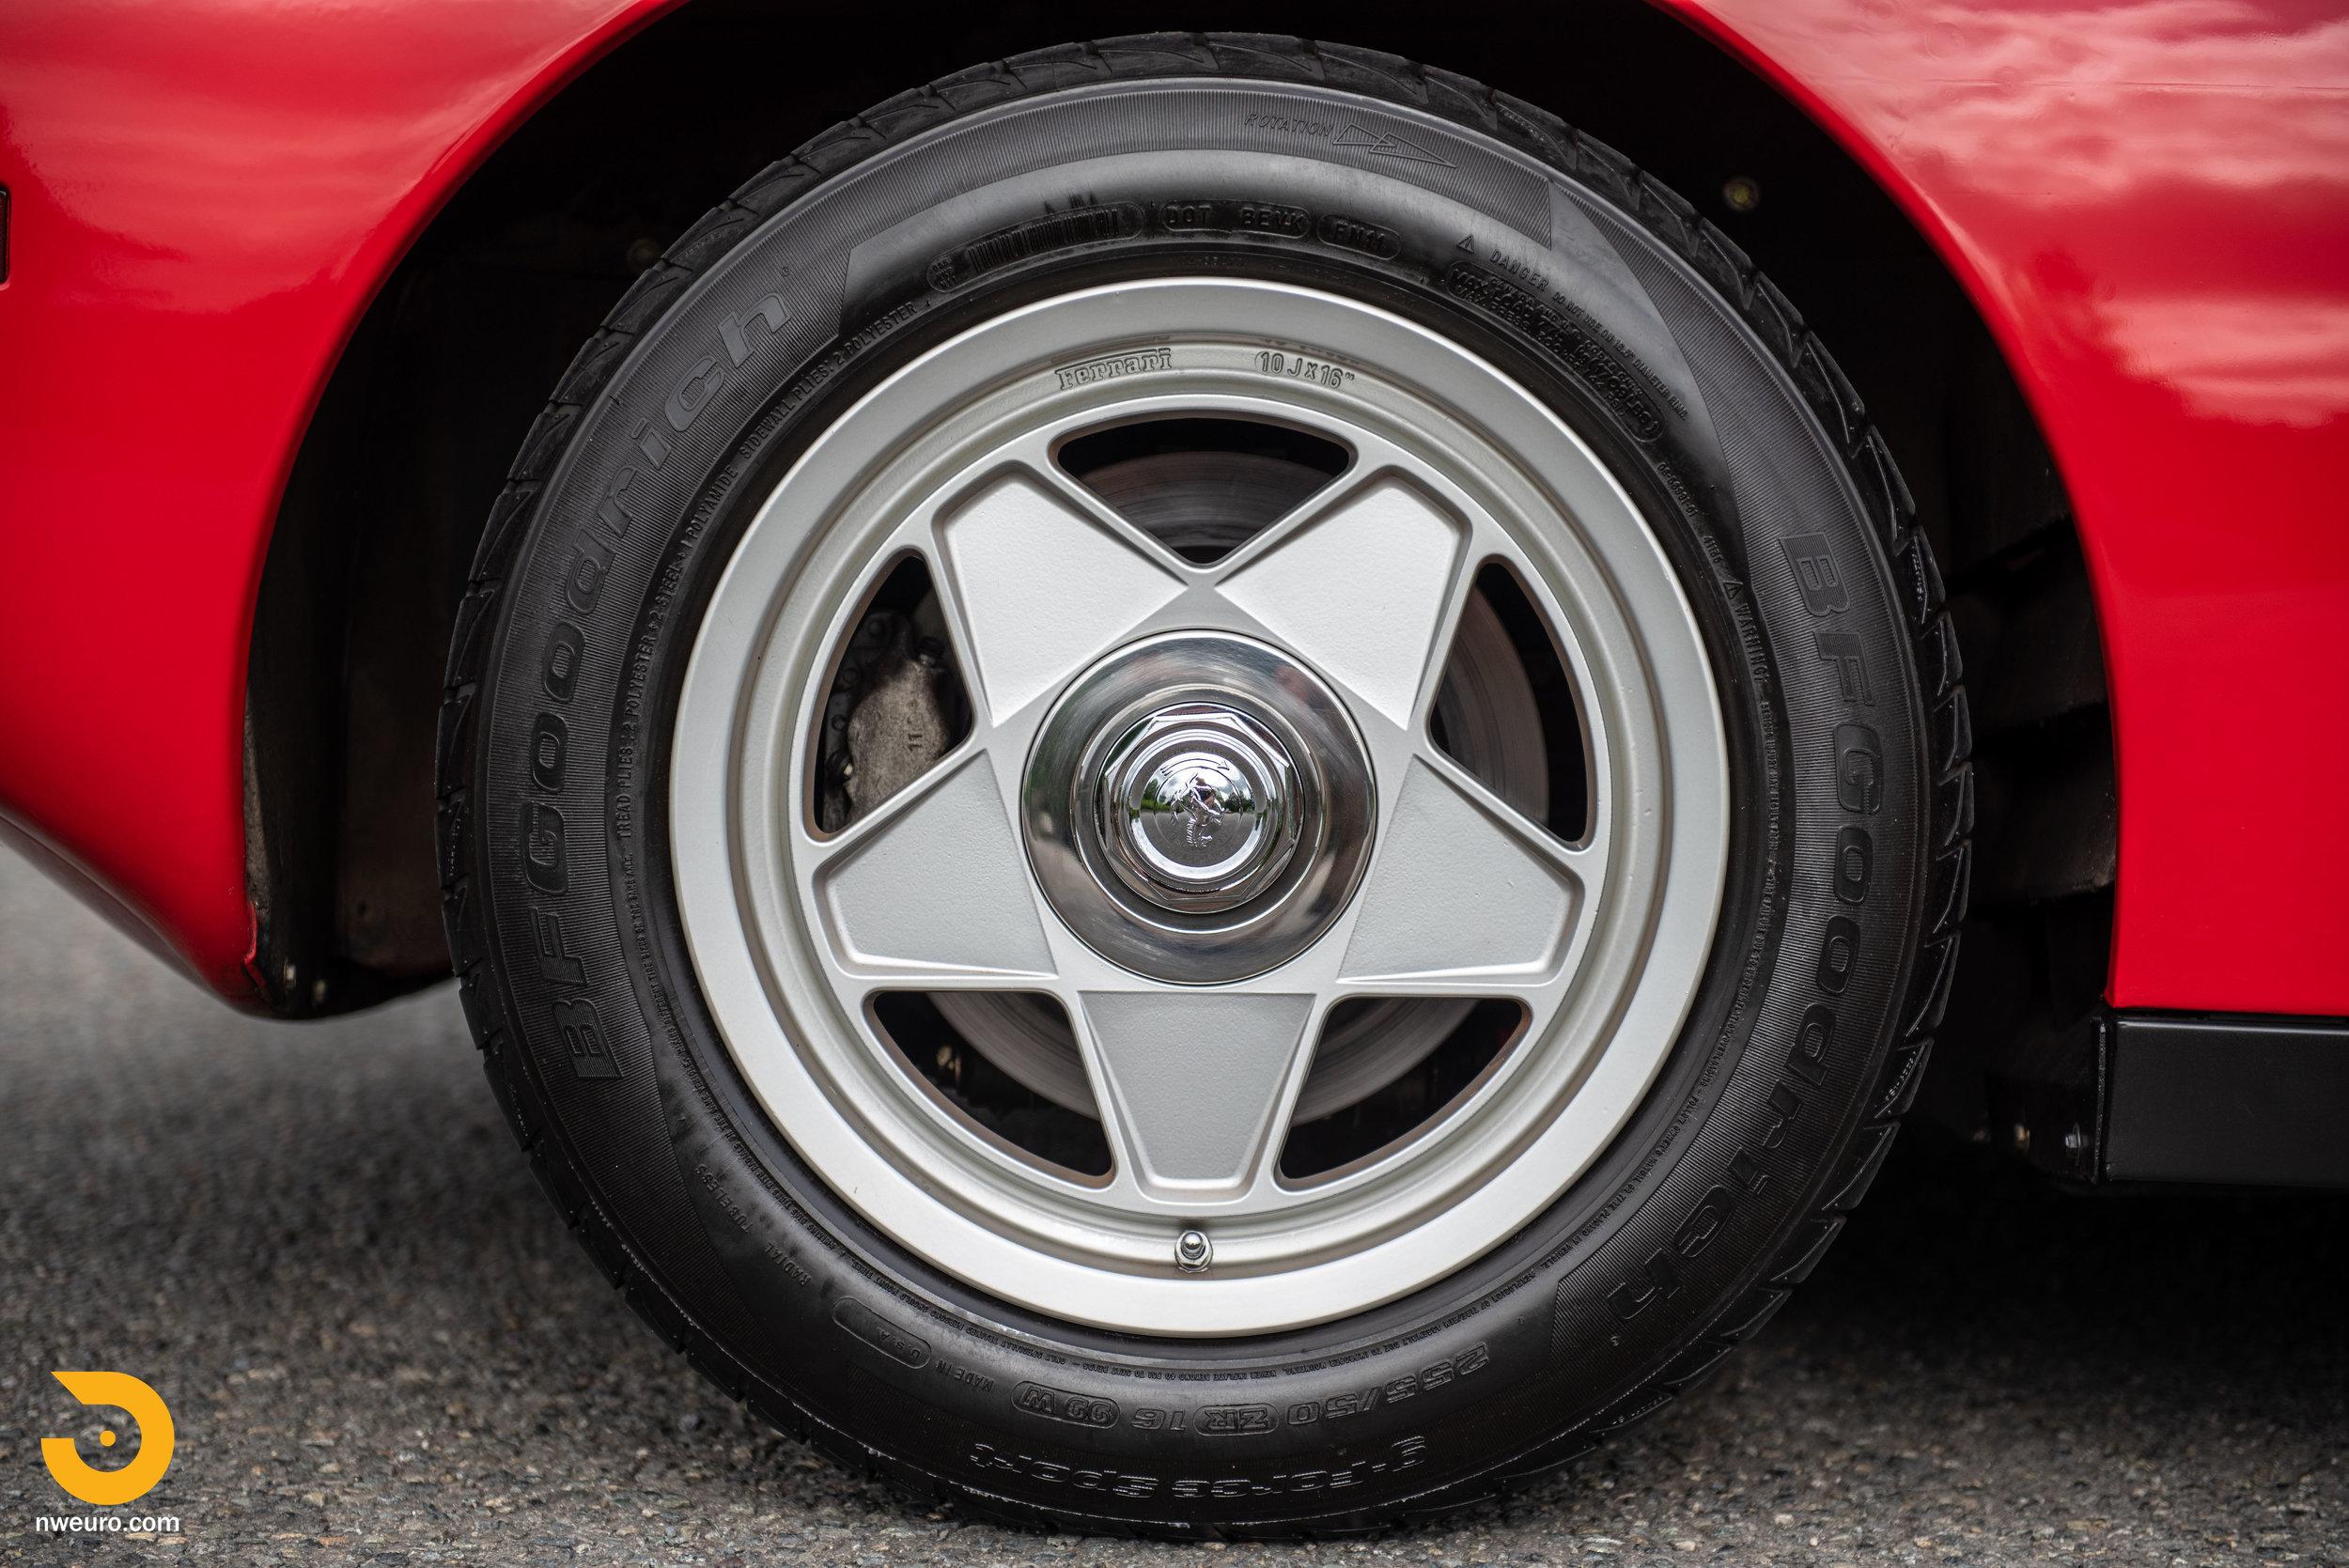 1988 Ferrari Testarossa-4.jpg